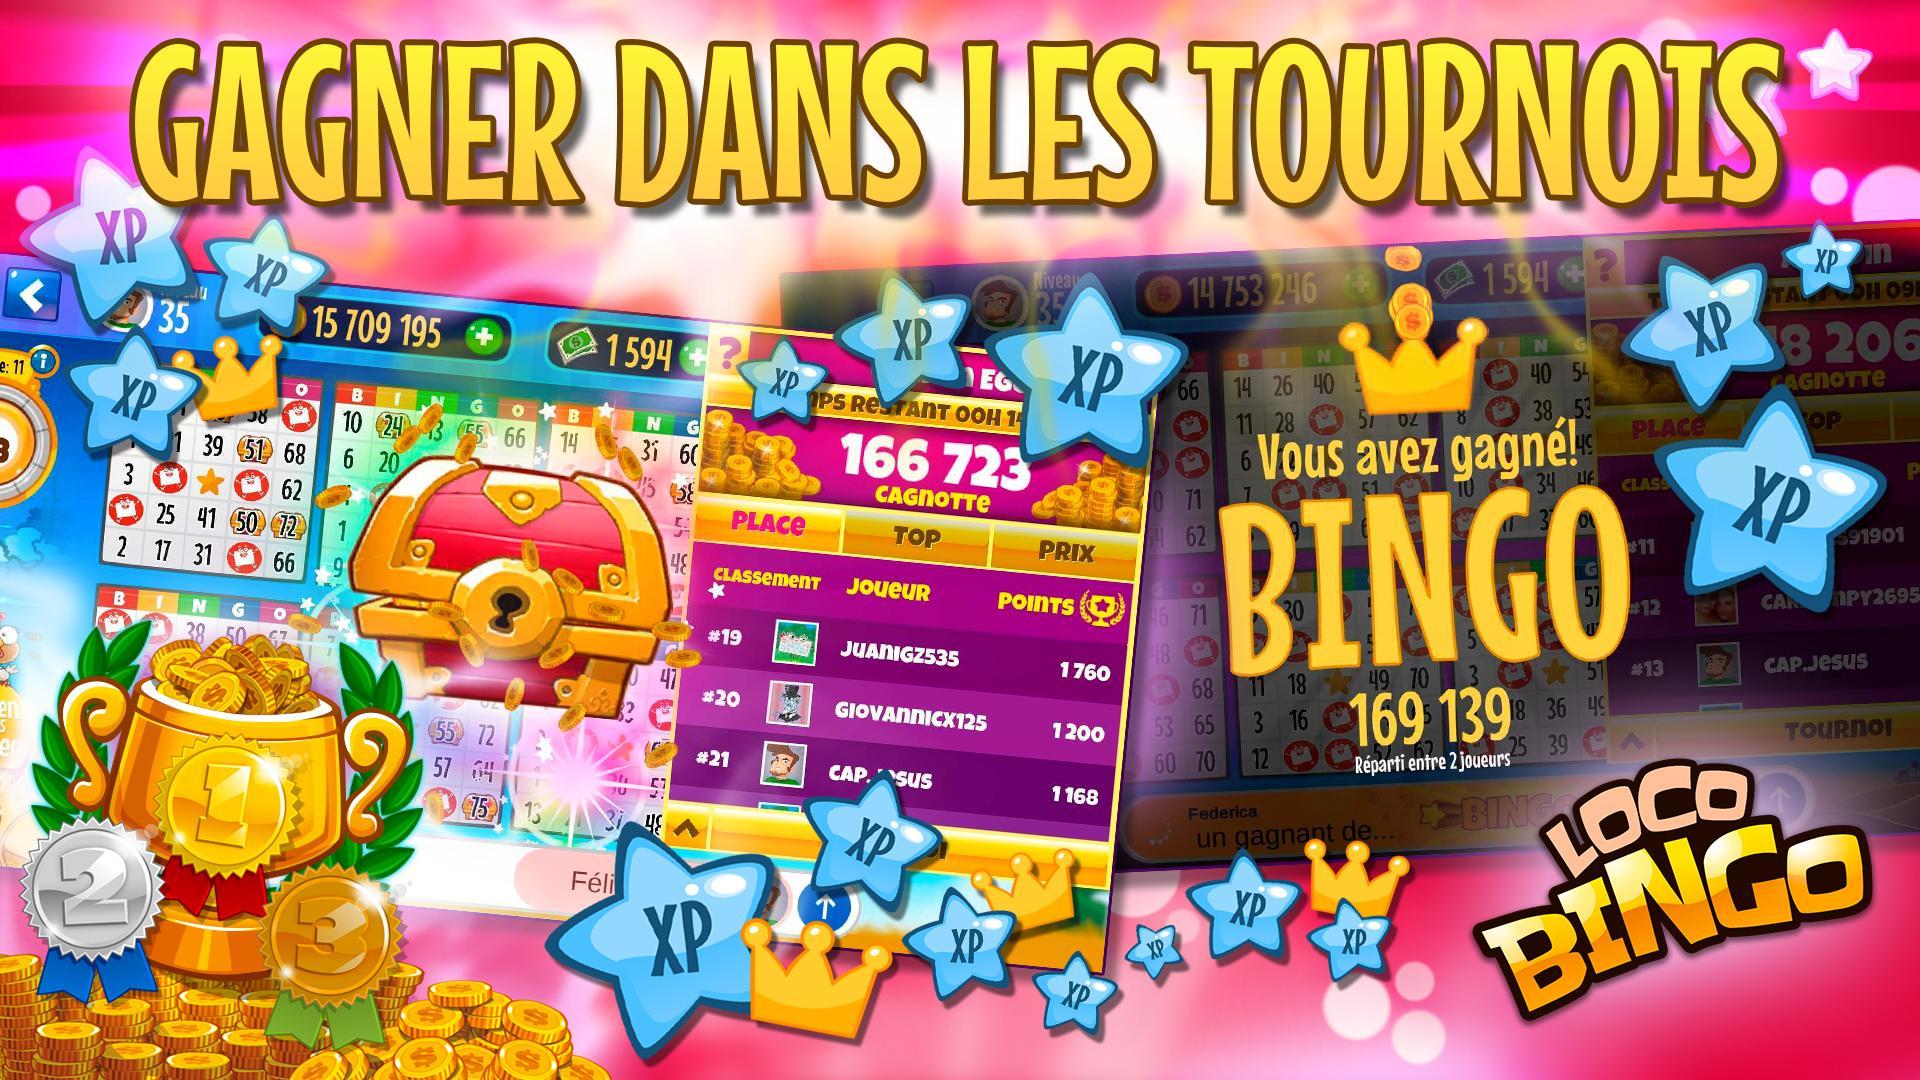 Présentation de l'application Loto Bingo Live